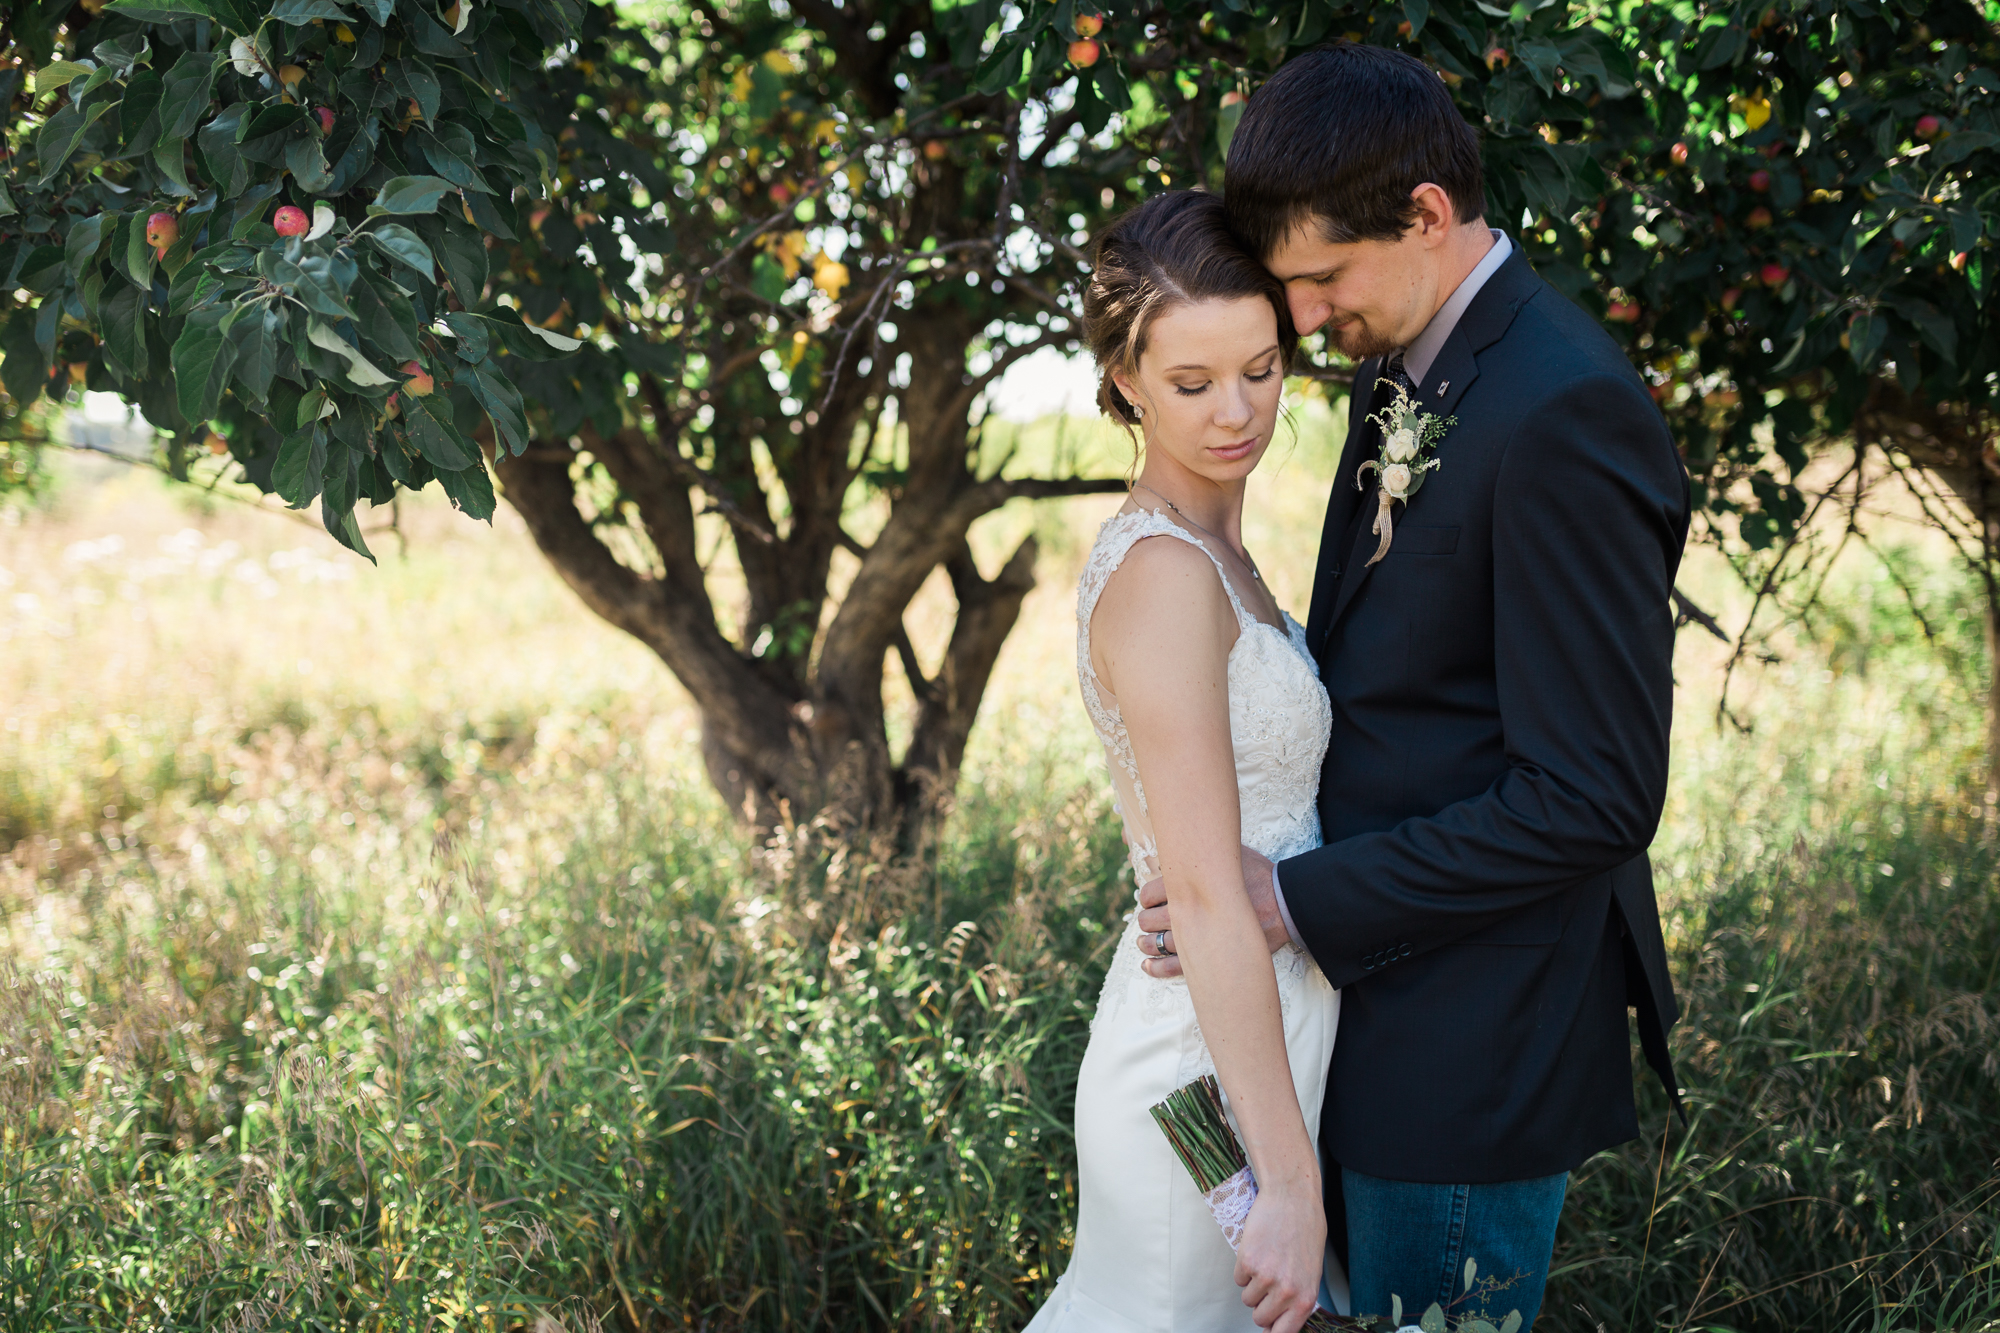 Deanna-Rachel-Photography-calgary-Wedding-photographer-jm-52.jpg